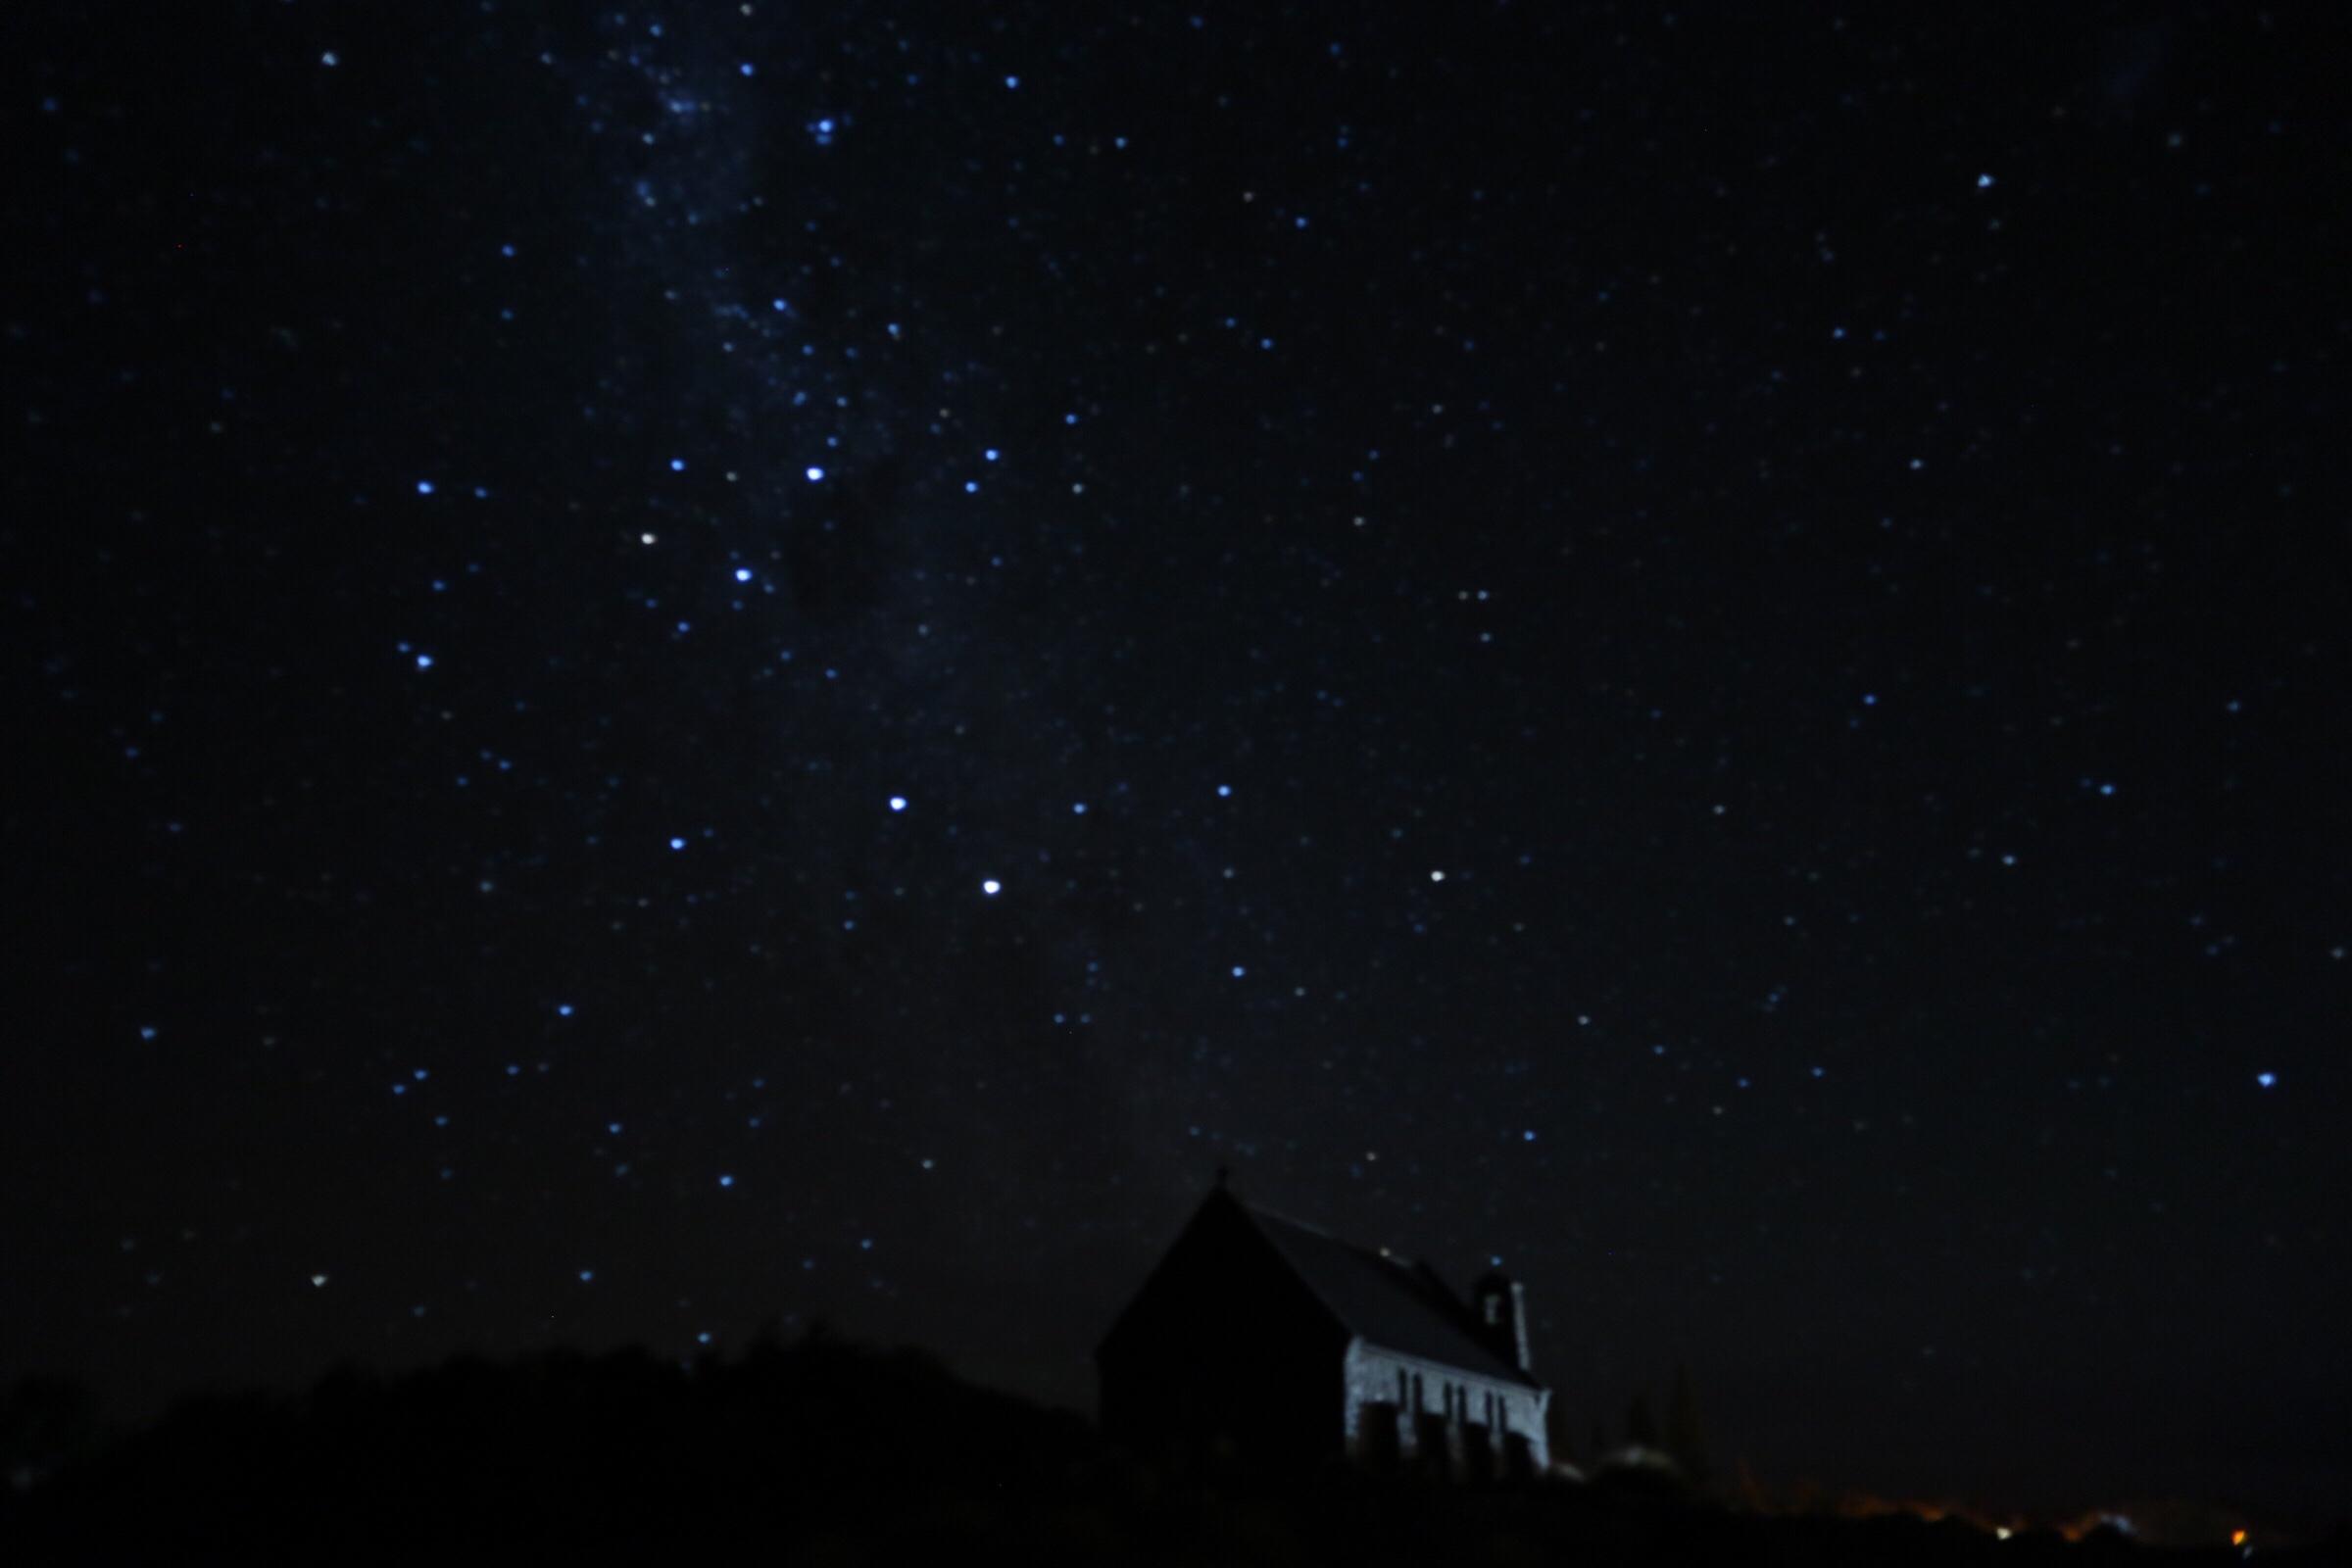 テカポ湖!ー星空は世界遺産級ー